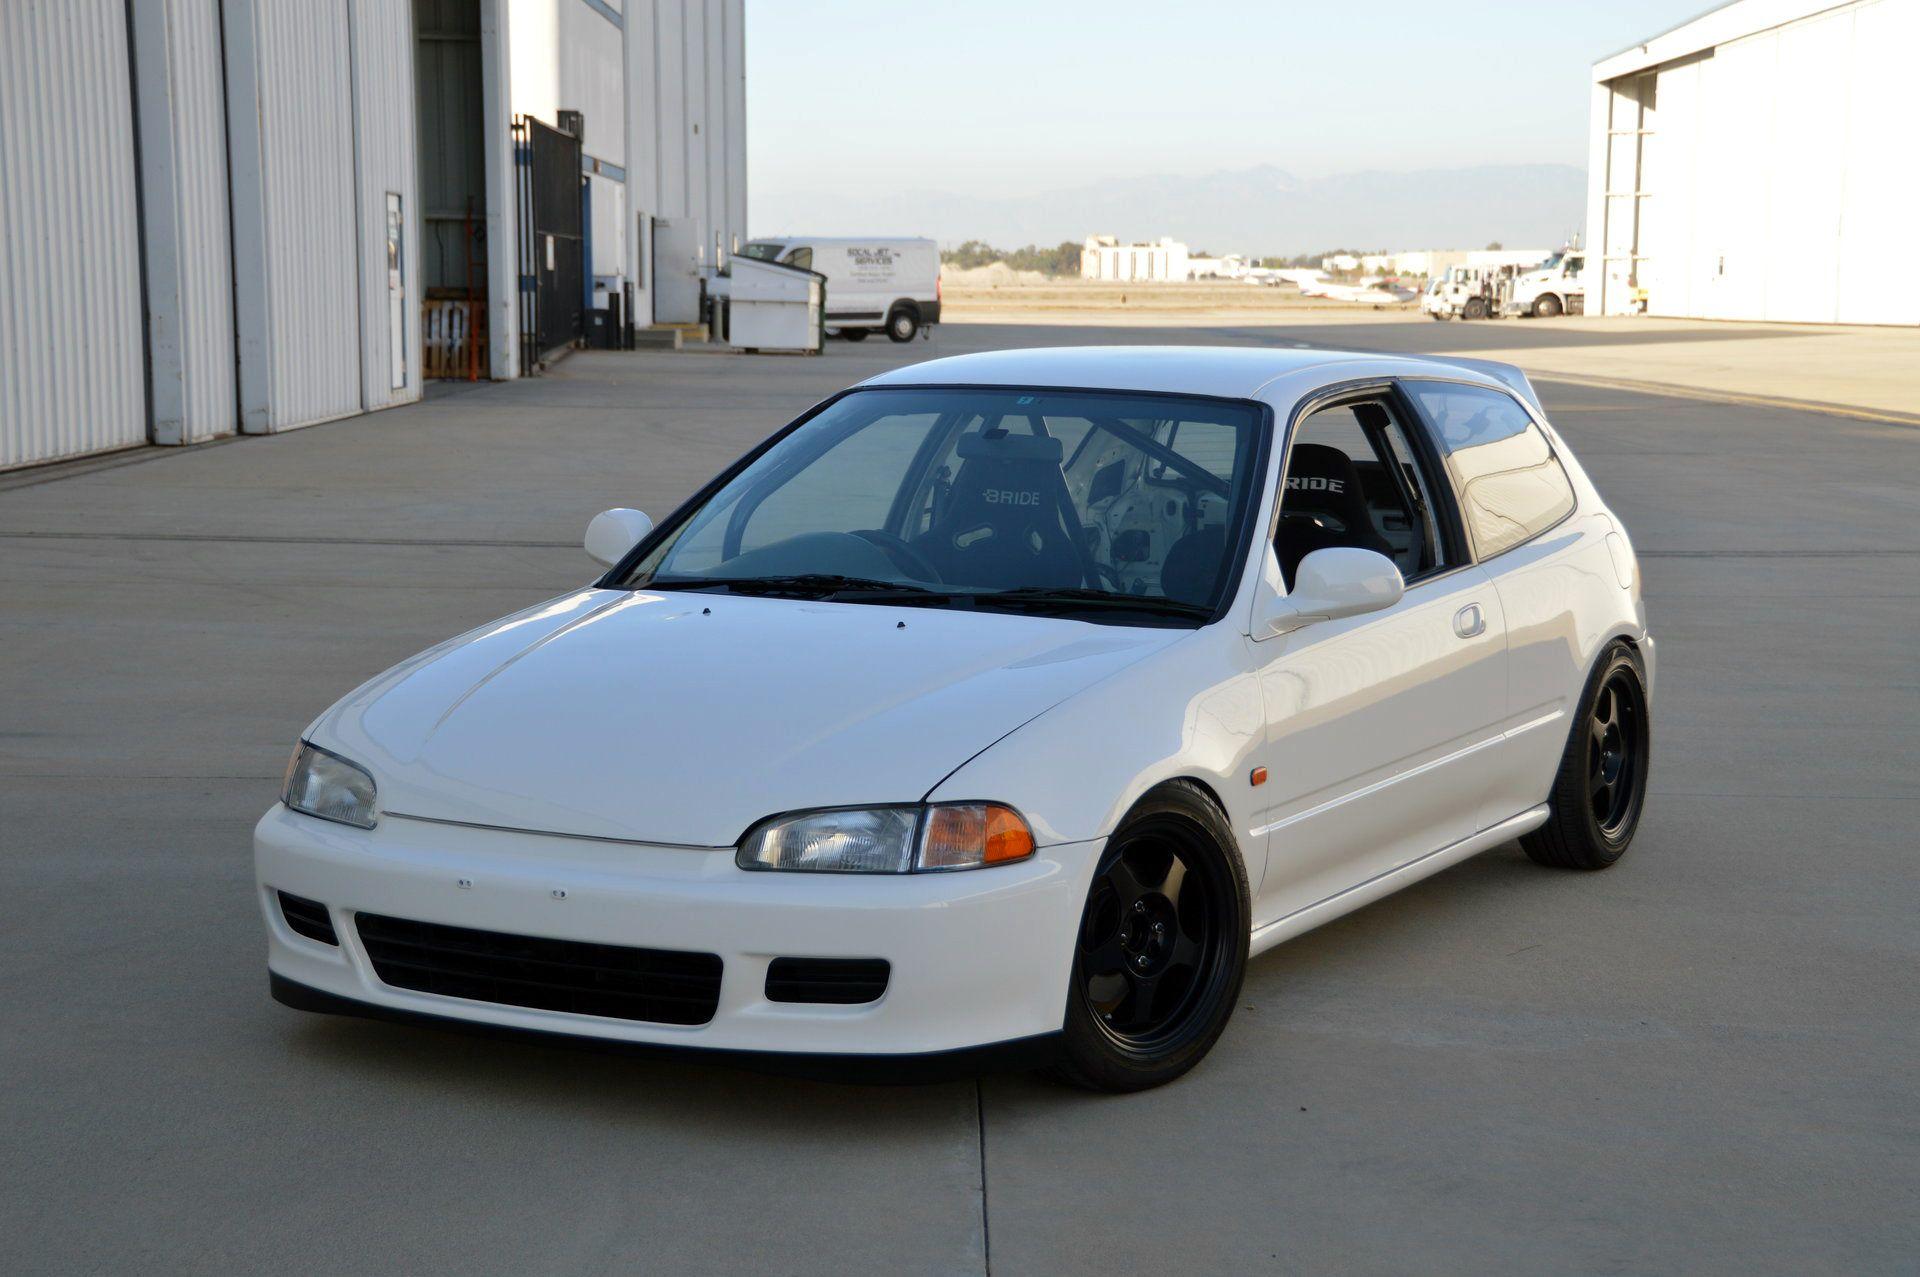 1992 Honda Civic Eg Sir Ii Honda Civic Vtec Honda Civic Honda Civic Hatchback